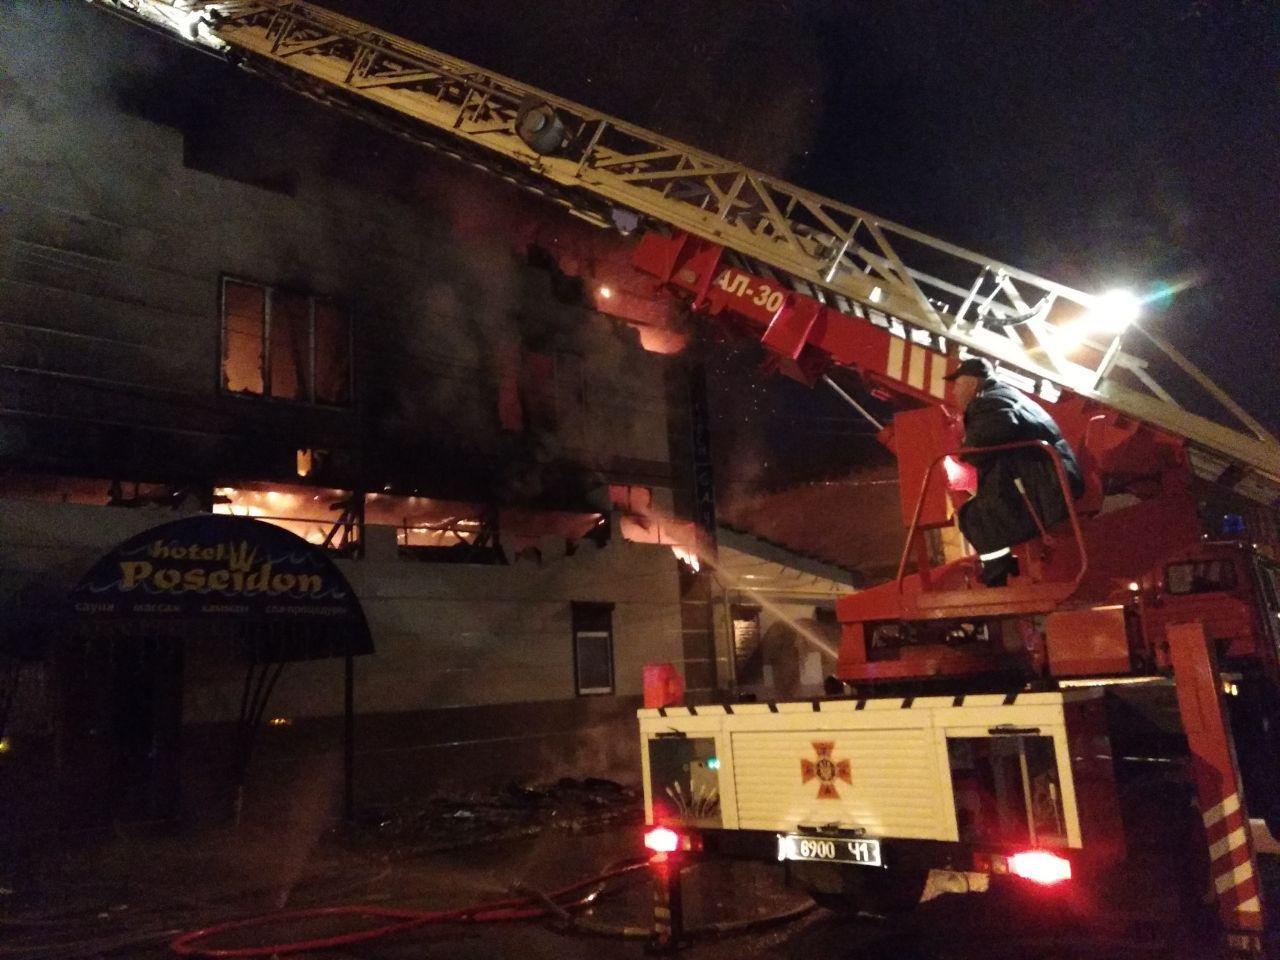 Ночью в центре Харькова горел банный комплекс. Спасатели боролись с пожаром 5 часов, - ФОТО, фото-2